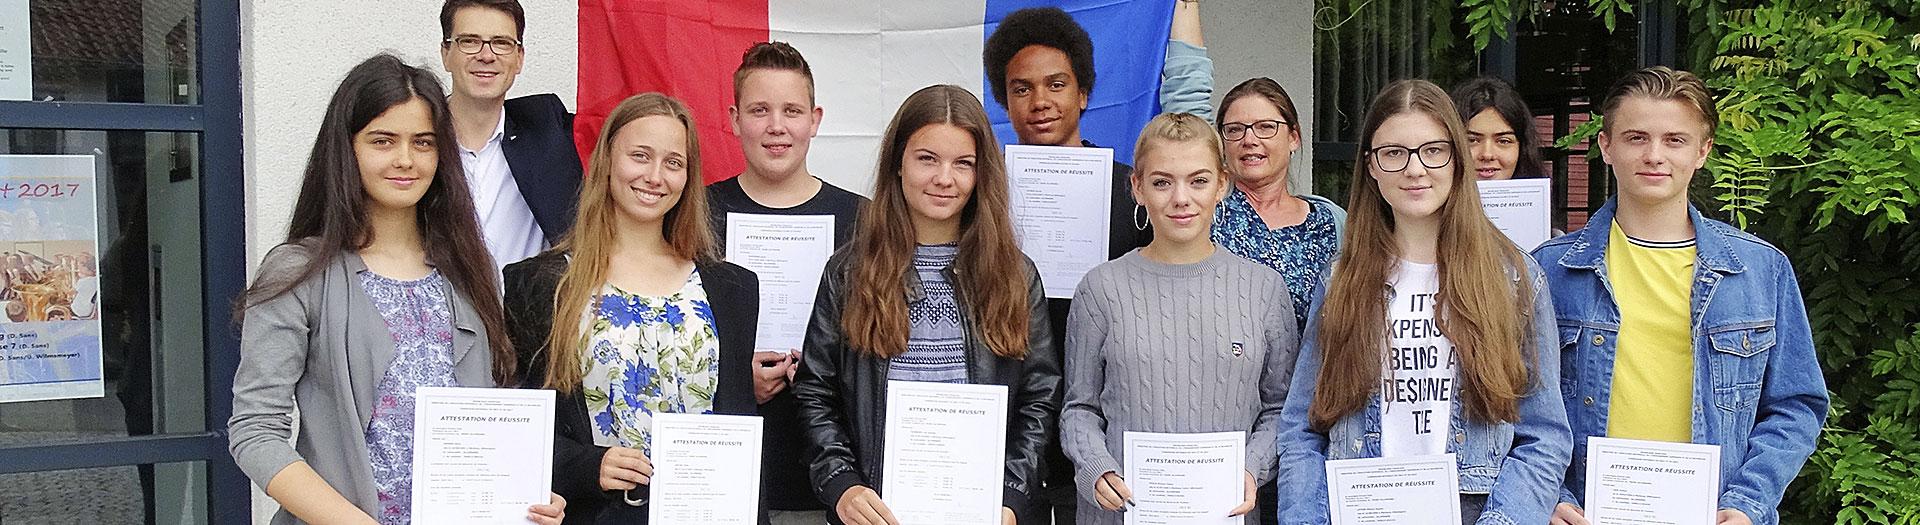 schülerinnen und schüler aus dem internat landschulheim steinmühle bekommen ihre sprachzertifikate in marburg, hessen